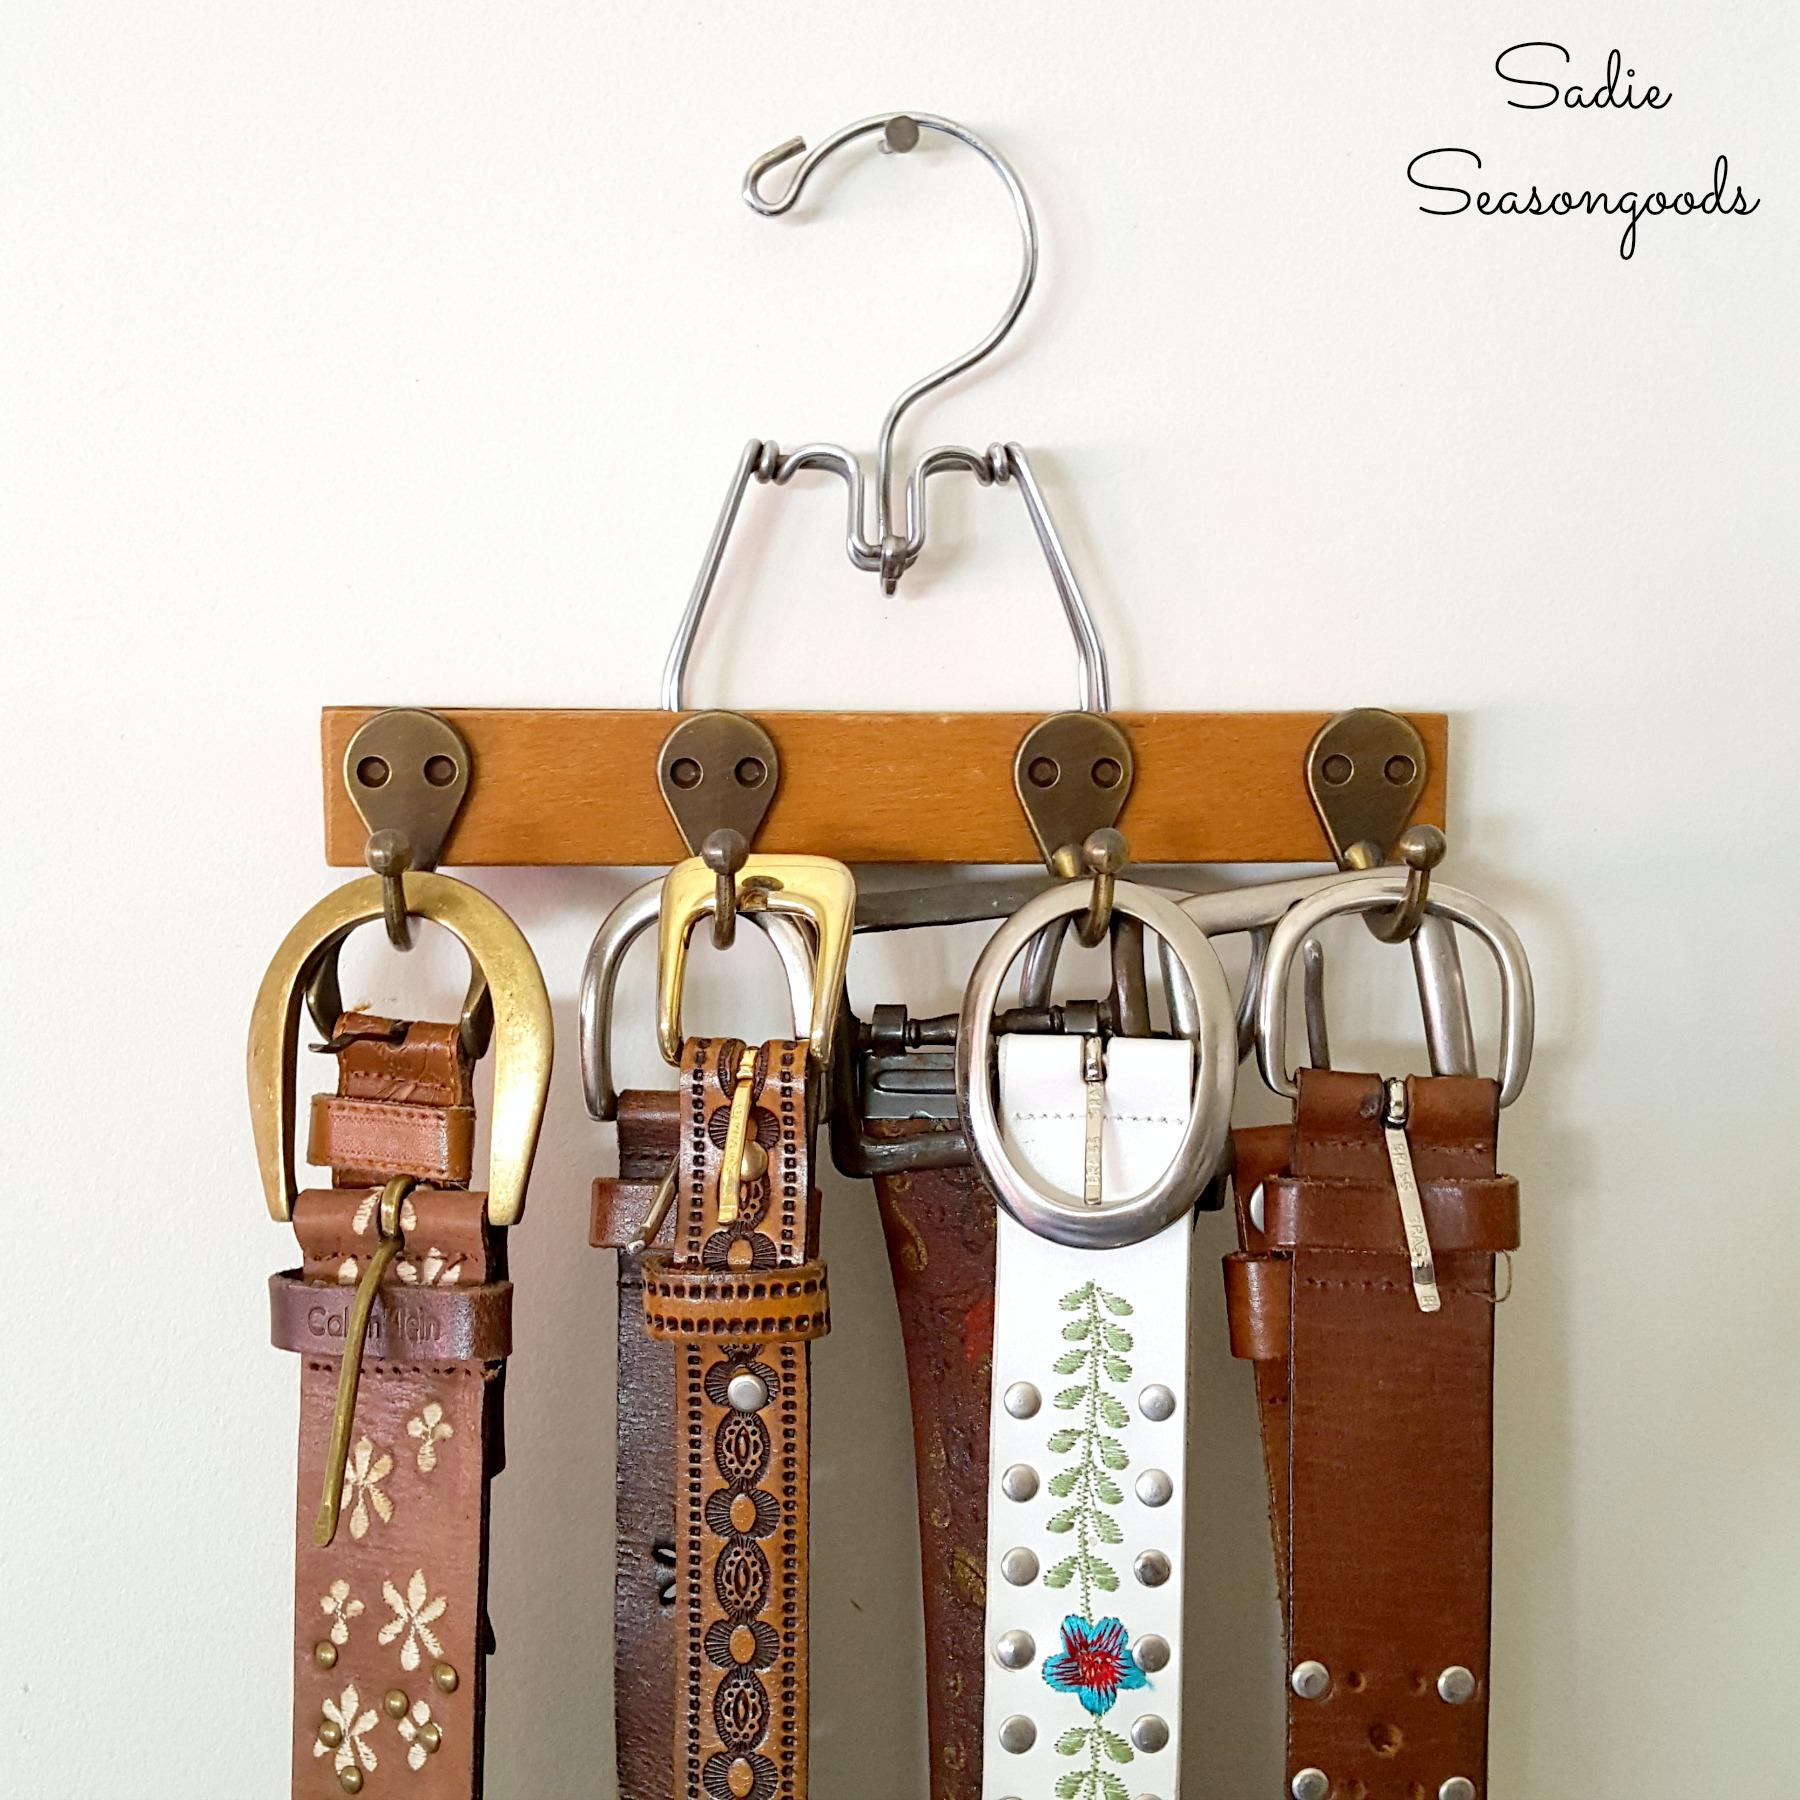 Vintage_trouser_pant_hanger_repurposed_upcycled_as_DIY_belt_hanger_organizer_by_Sadie_Seasongoods